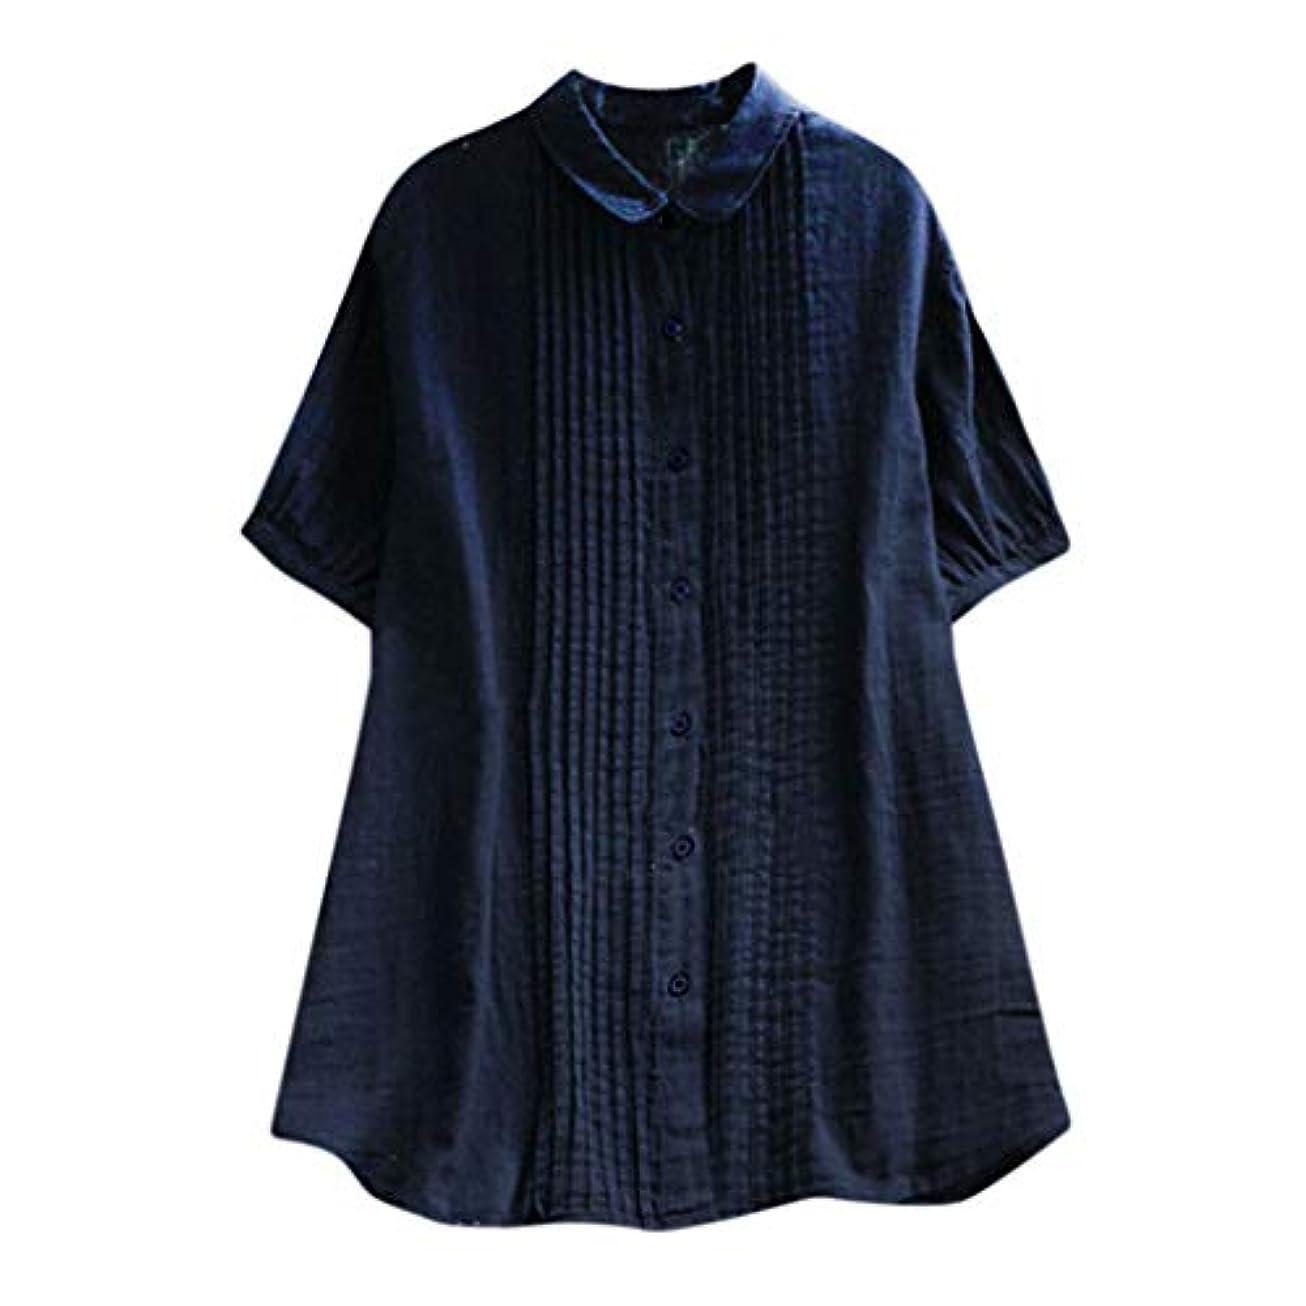 シマウマいくつかの語女性の半袖Tシャツ - ピーターパンカラー夏緩い無地カジュアルダウントップスブラウス (青, 2XL)